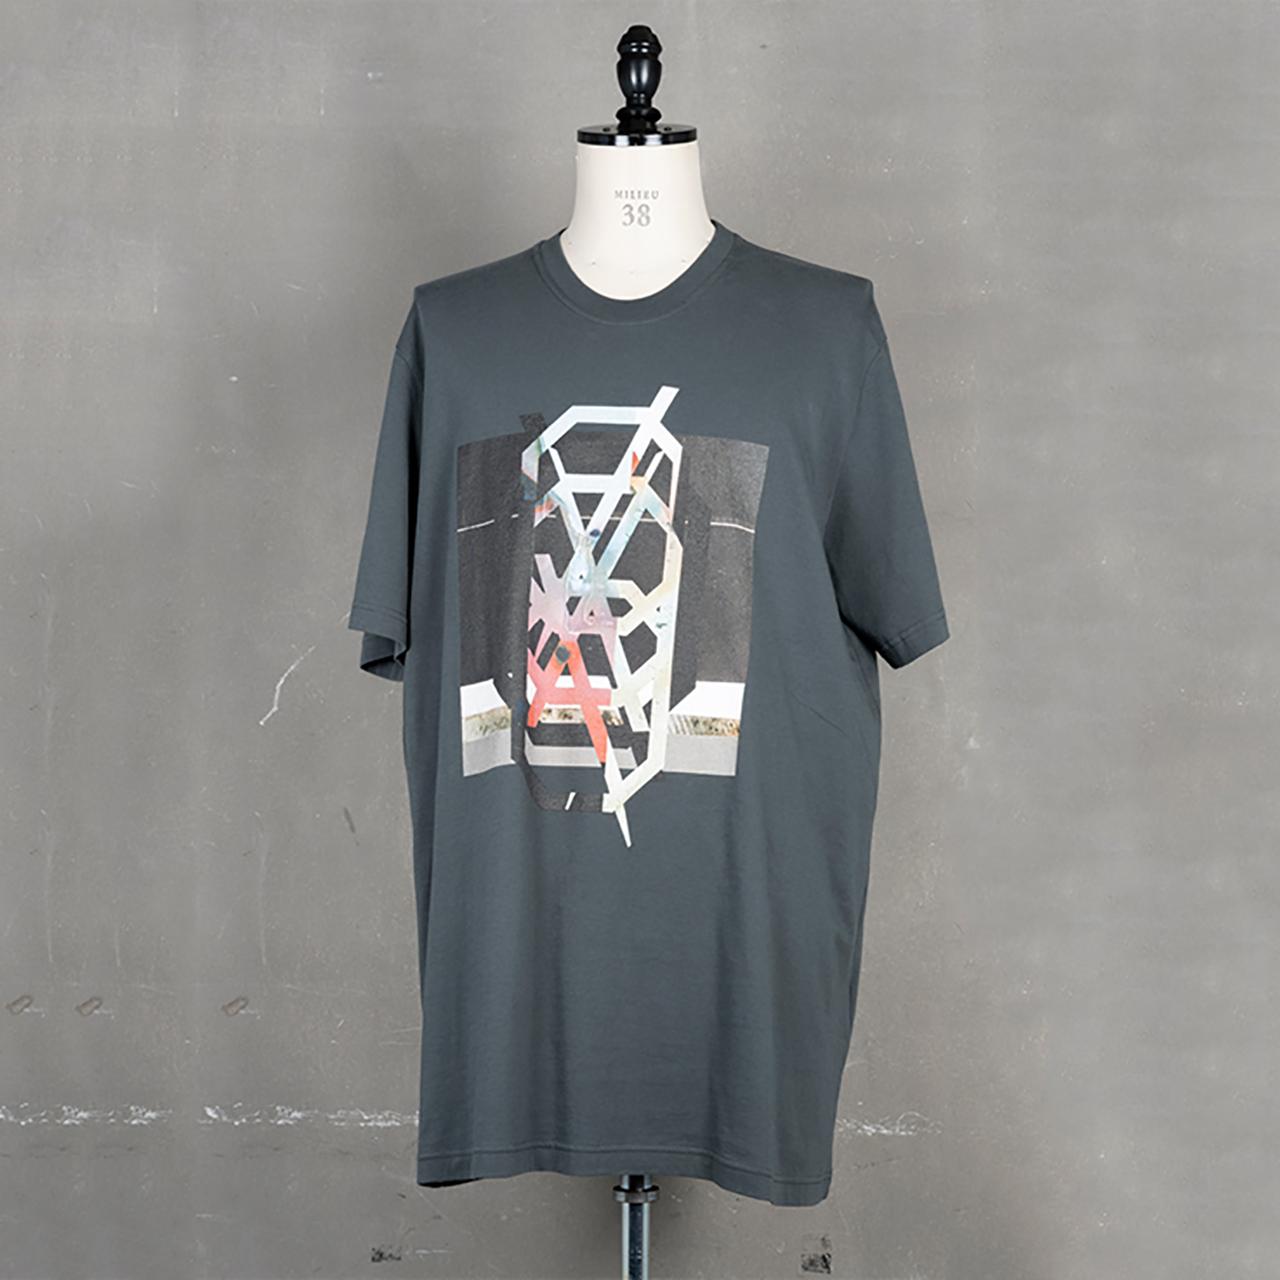 [ 2021 春夏 予約商品 ] 740CPM3-COLD GRAY / NILøS プリント Tシャツ ver.3 / 1月入荷予定